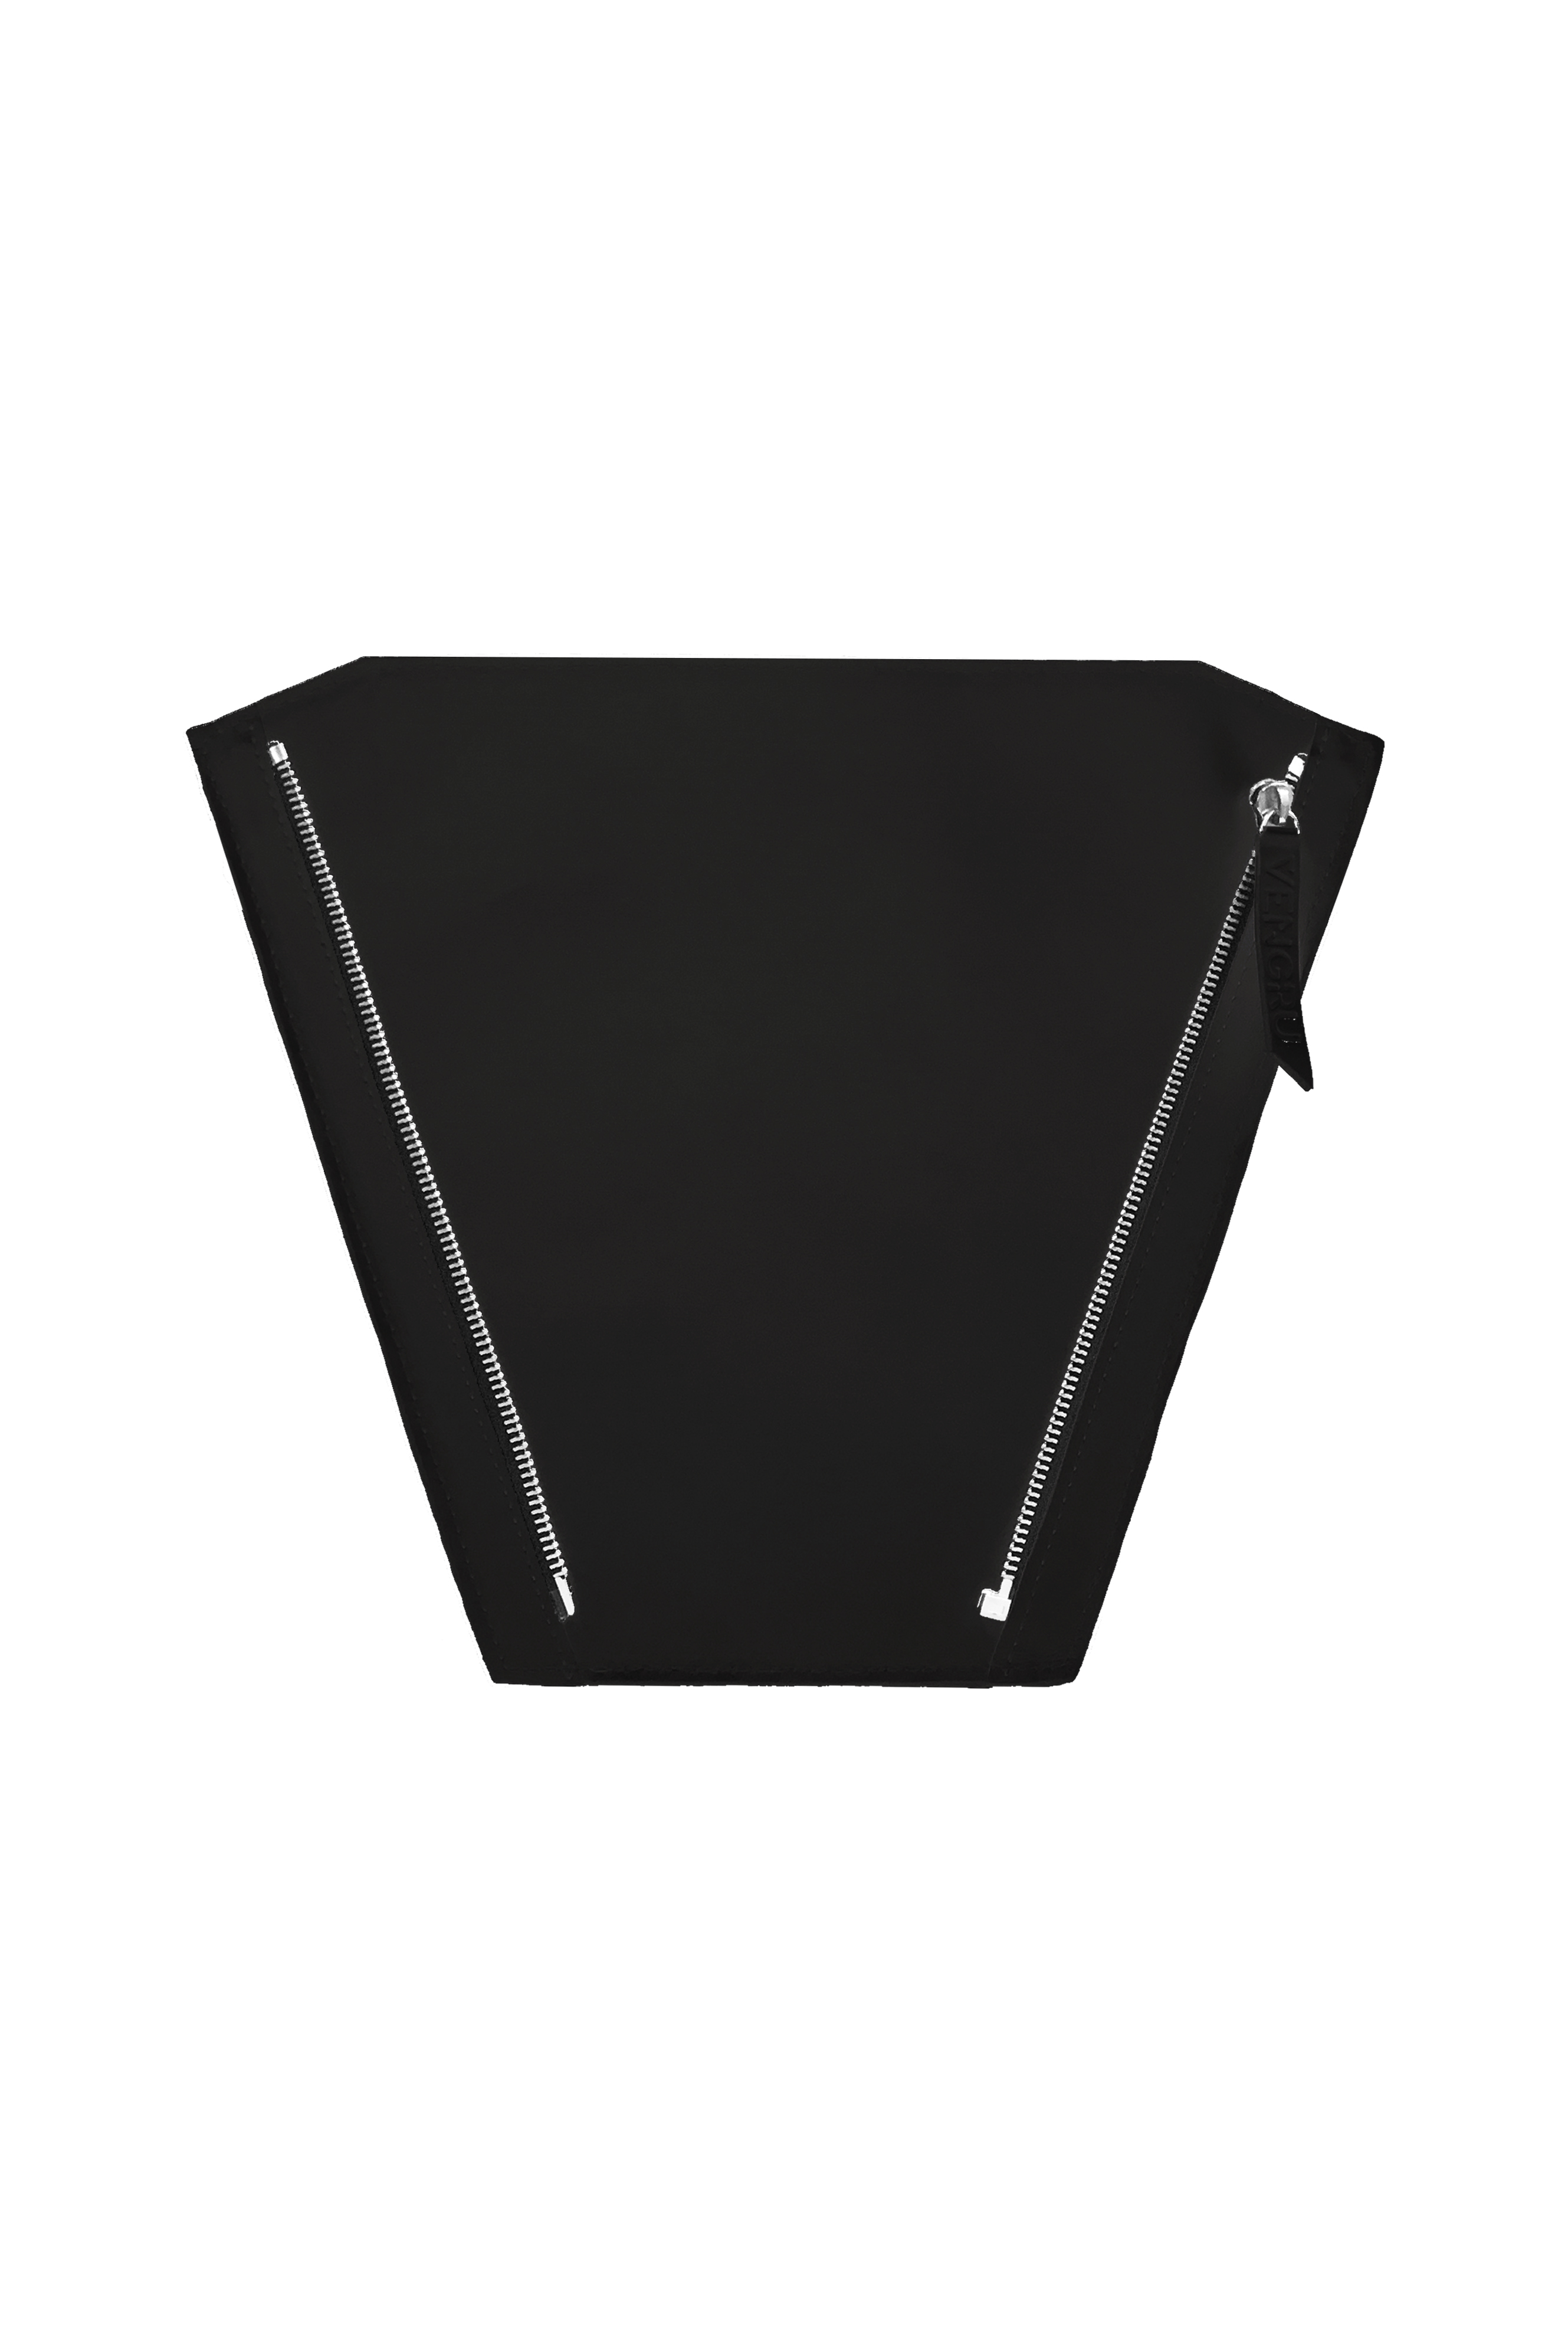 Fekete bőr válltáska, hátizsák, piramis táska, alaptáska